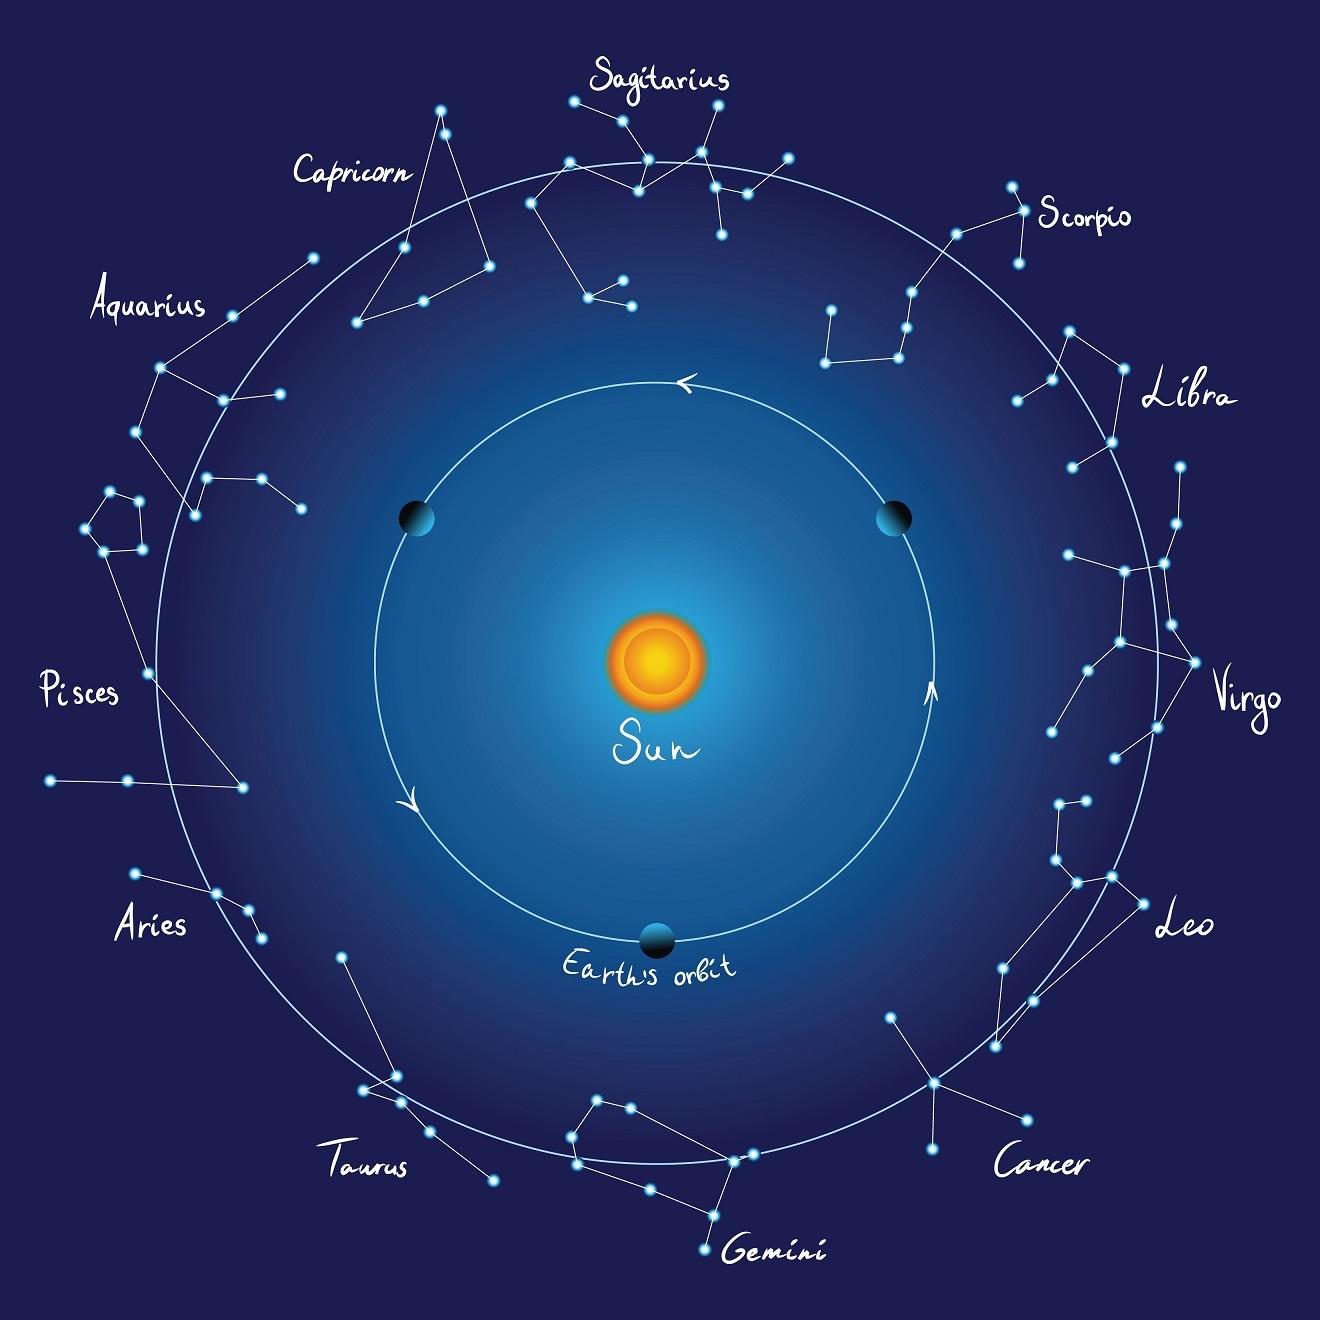 با حرکت انتقالی زمین، موقعیت خورشید نیز در آسمان در هر شبانه روز یک درجه تغییر می کند. این جابه جای در مسیر تصویر صفحه مداری زمین در آسمان یا دایره البروج صورت می گیرد. مسیر دایره البروج از دوازده صورت فلکی مشهور حمل (Aries)، ثور (Taurus)، جوزا (Gemini)، سرطان (Cancer)، اسد (Leo)، سنبله (دوشیزه، Virgo)، میزان (Libra)، عقرب (Scorpius)، قوس (Sagittarius)، جدی (Capricornus)، دلو (Aquarius) و حوت (Pisces) می گذرد.